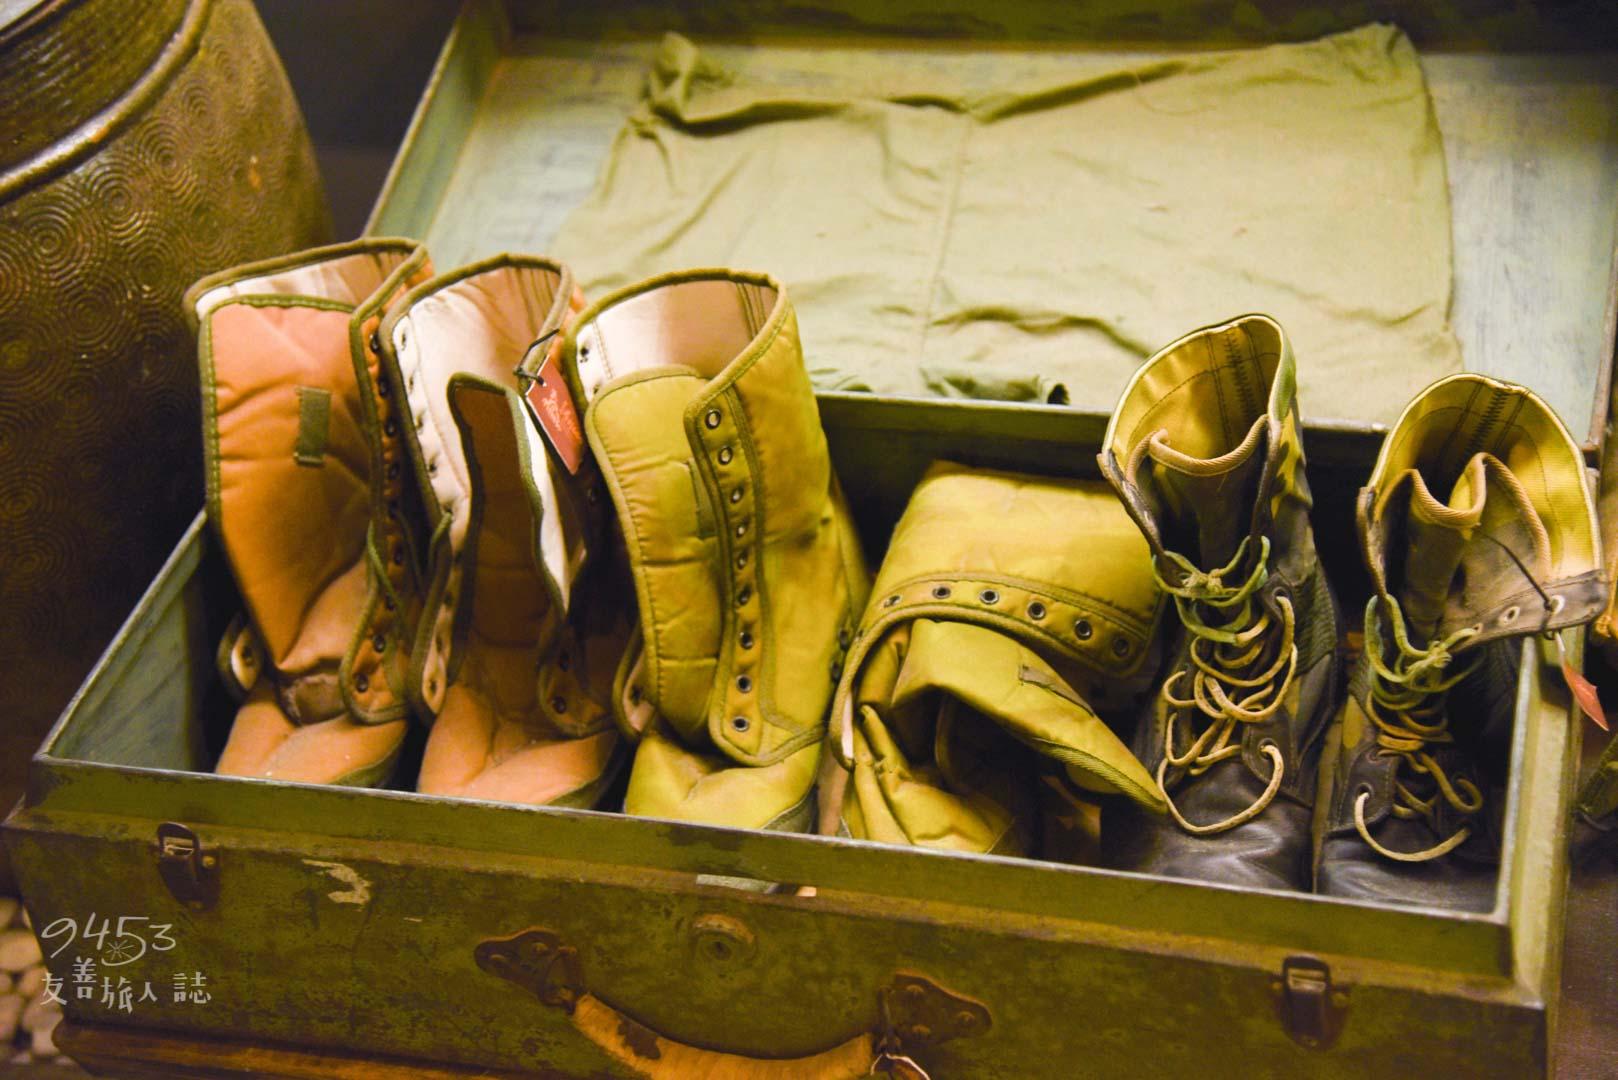 戰爭時期留下的軍靴